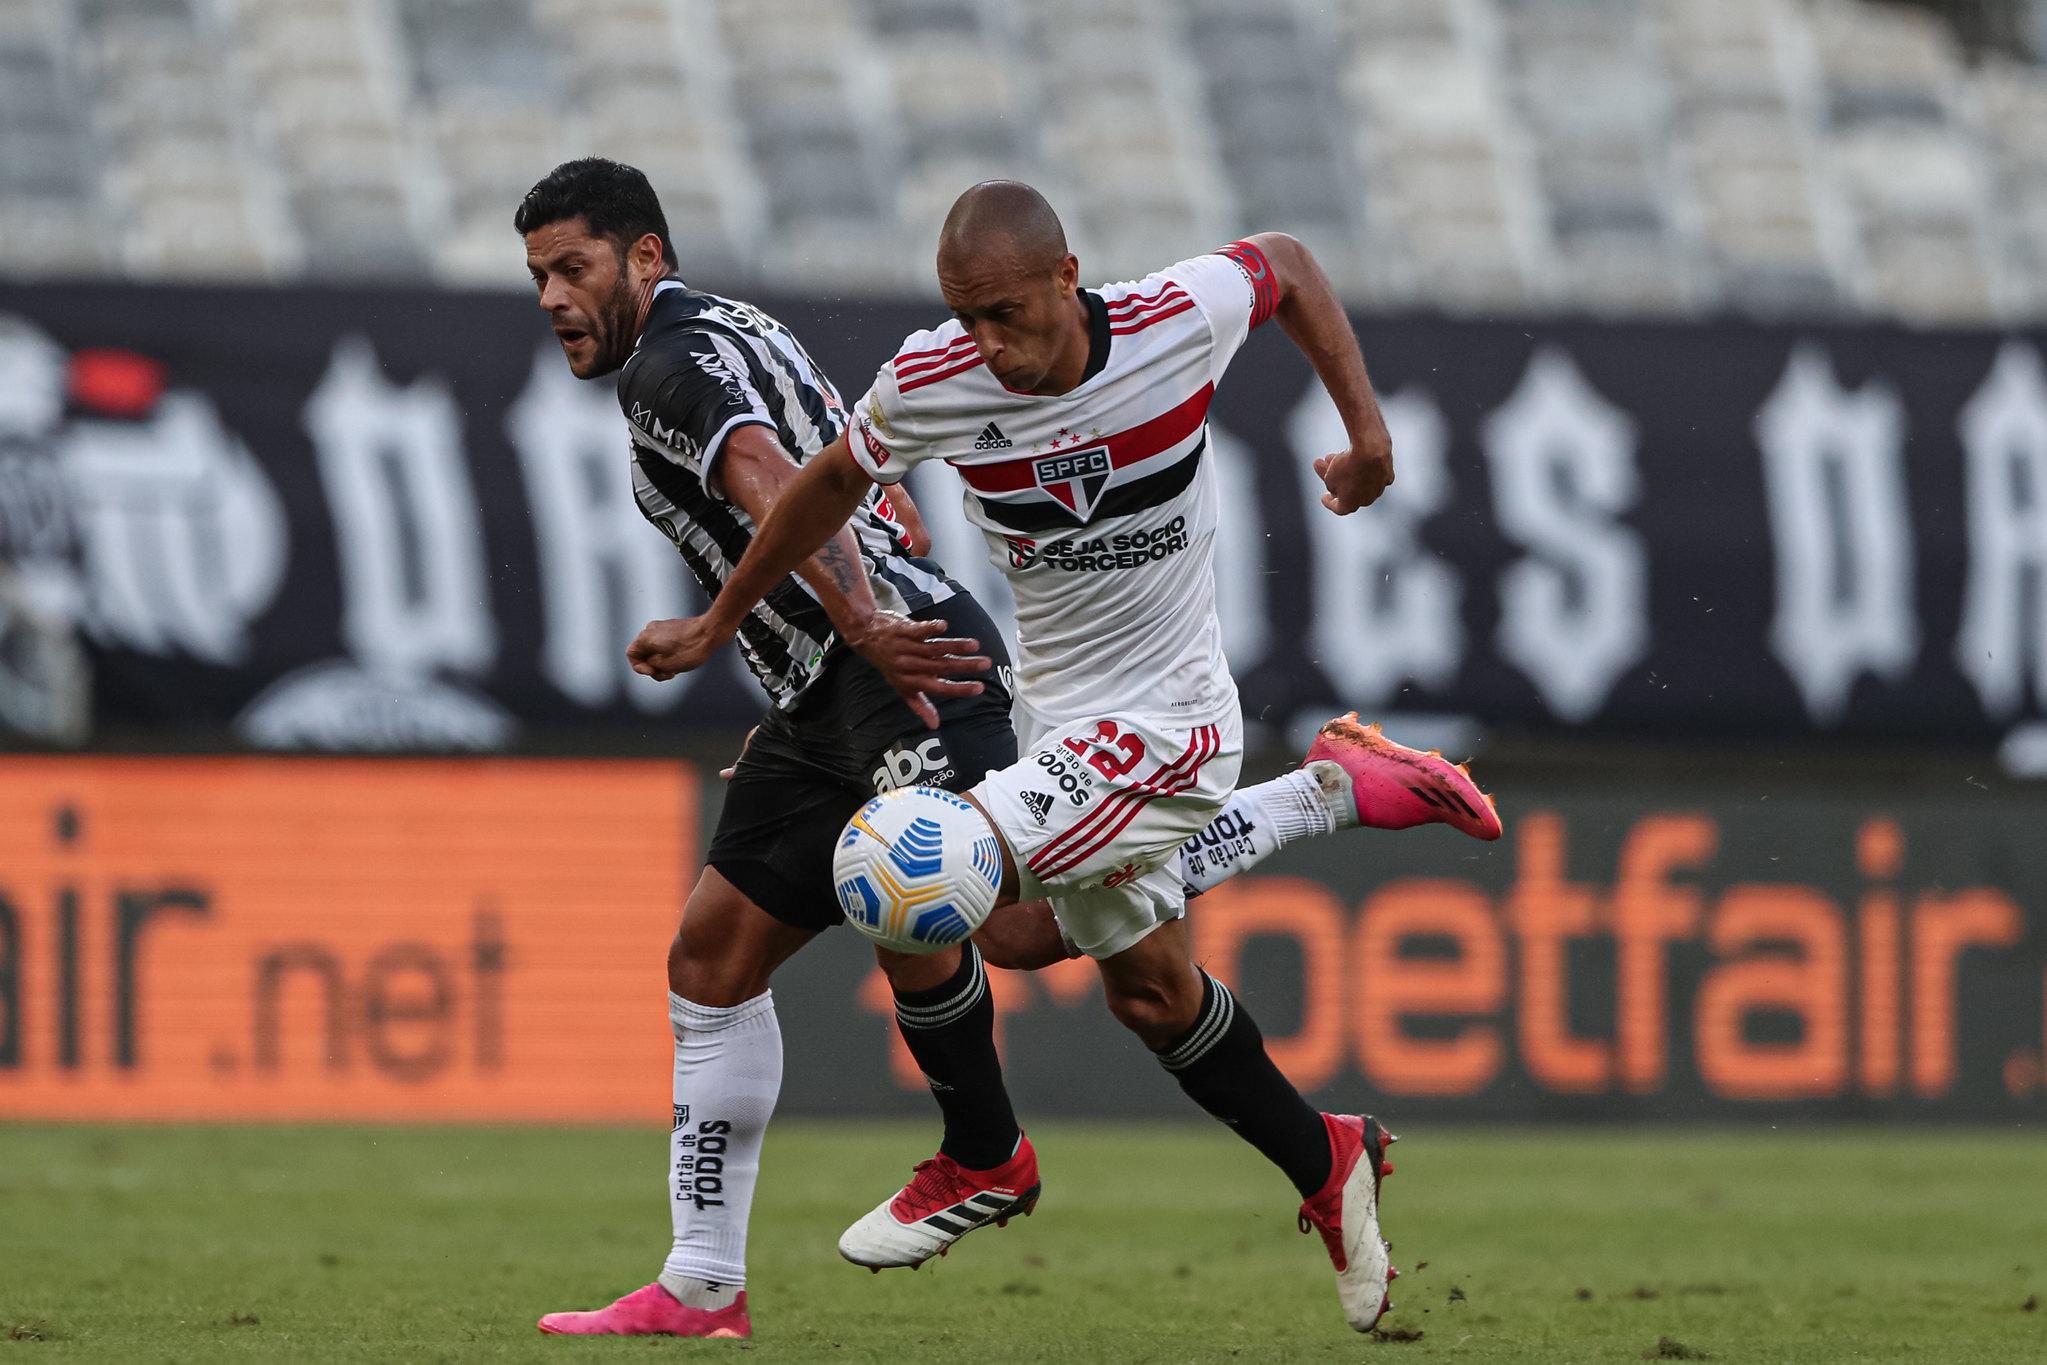 Estudo aponta chances maiores de empate entre São Paulo e Atlético